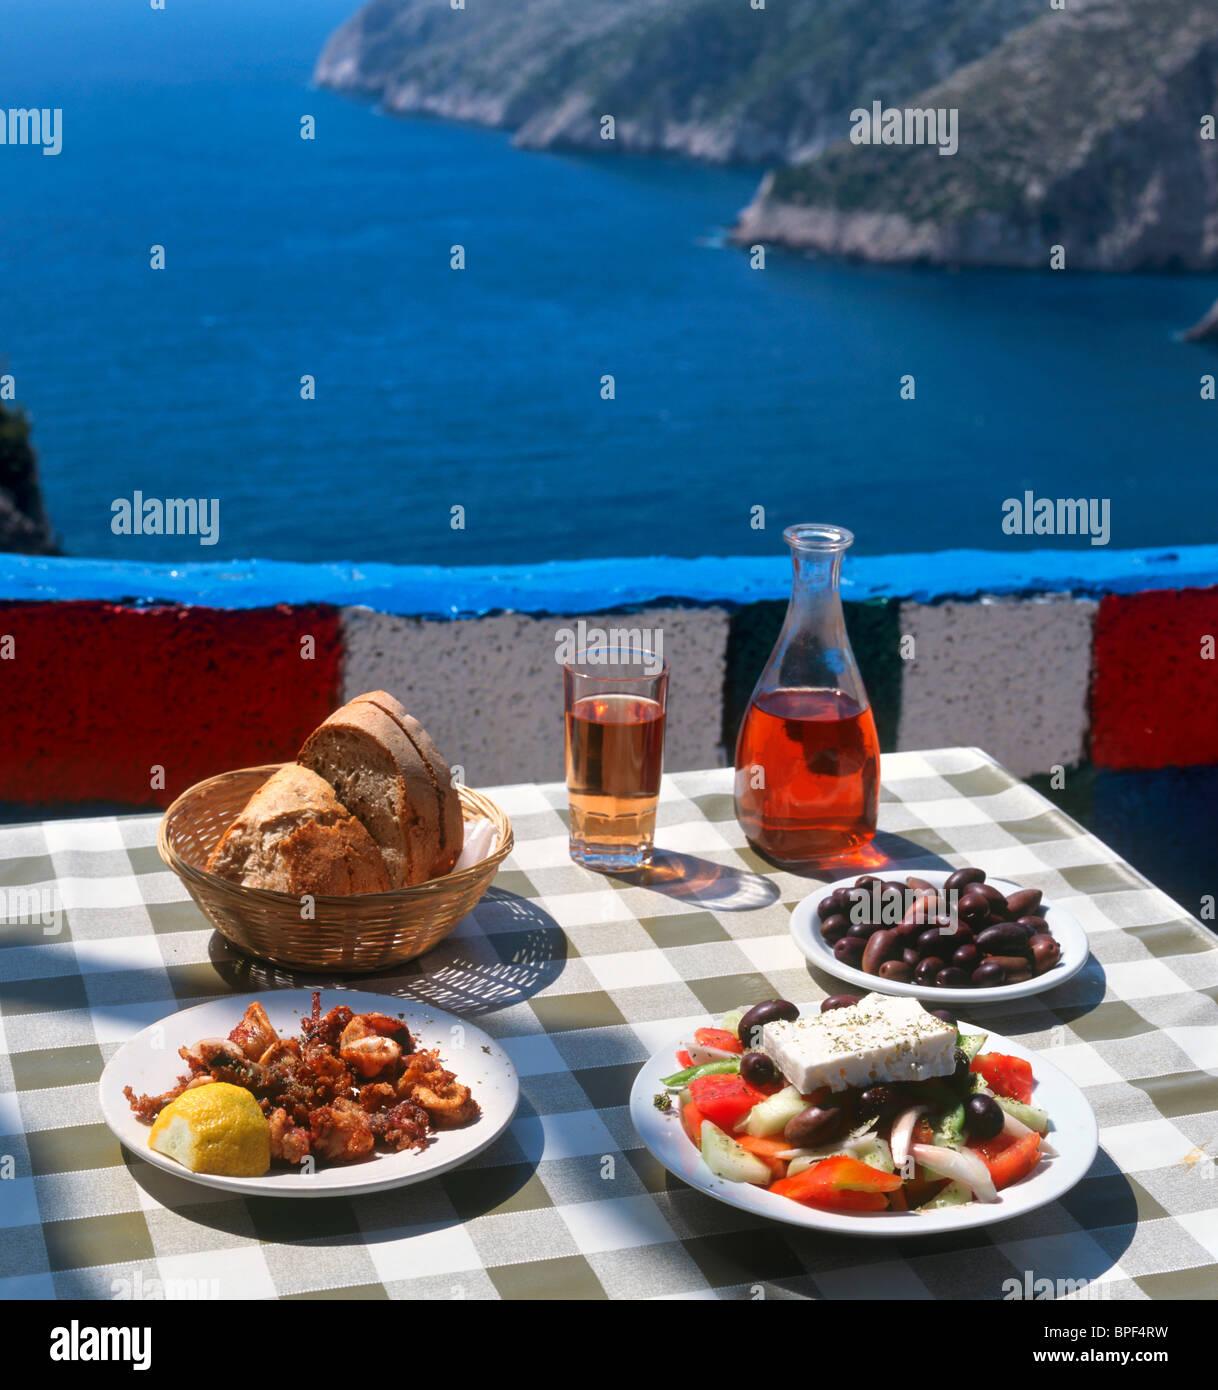 La cucina greca e il vino ad una taverna in Kambi, Zacinto (Zante), Isole Ionie, Grecia Immagini Stock